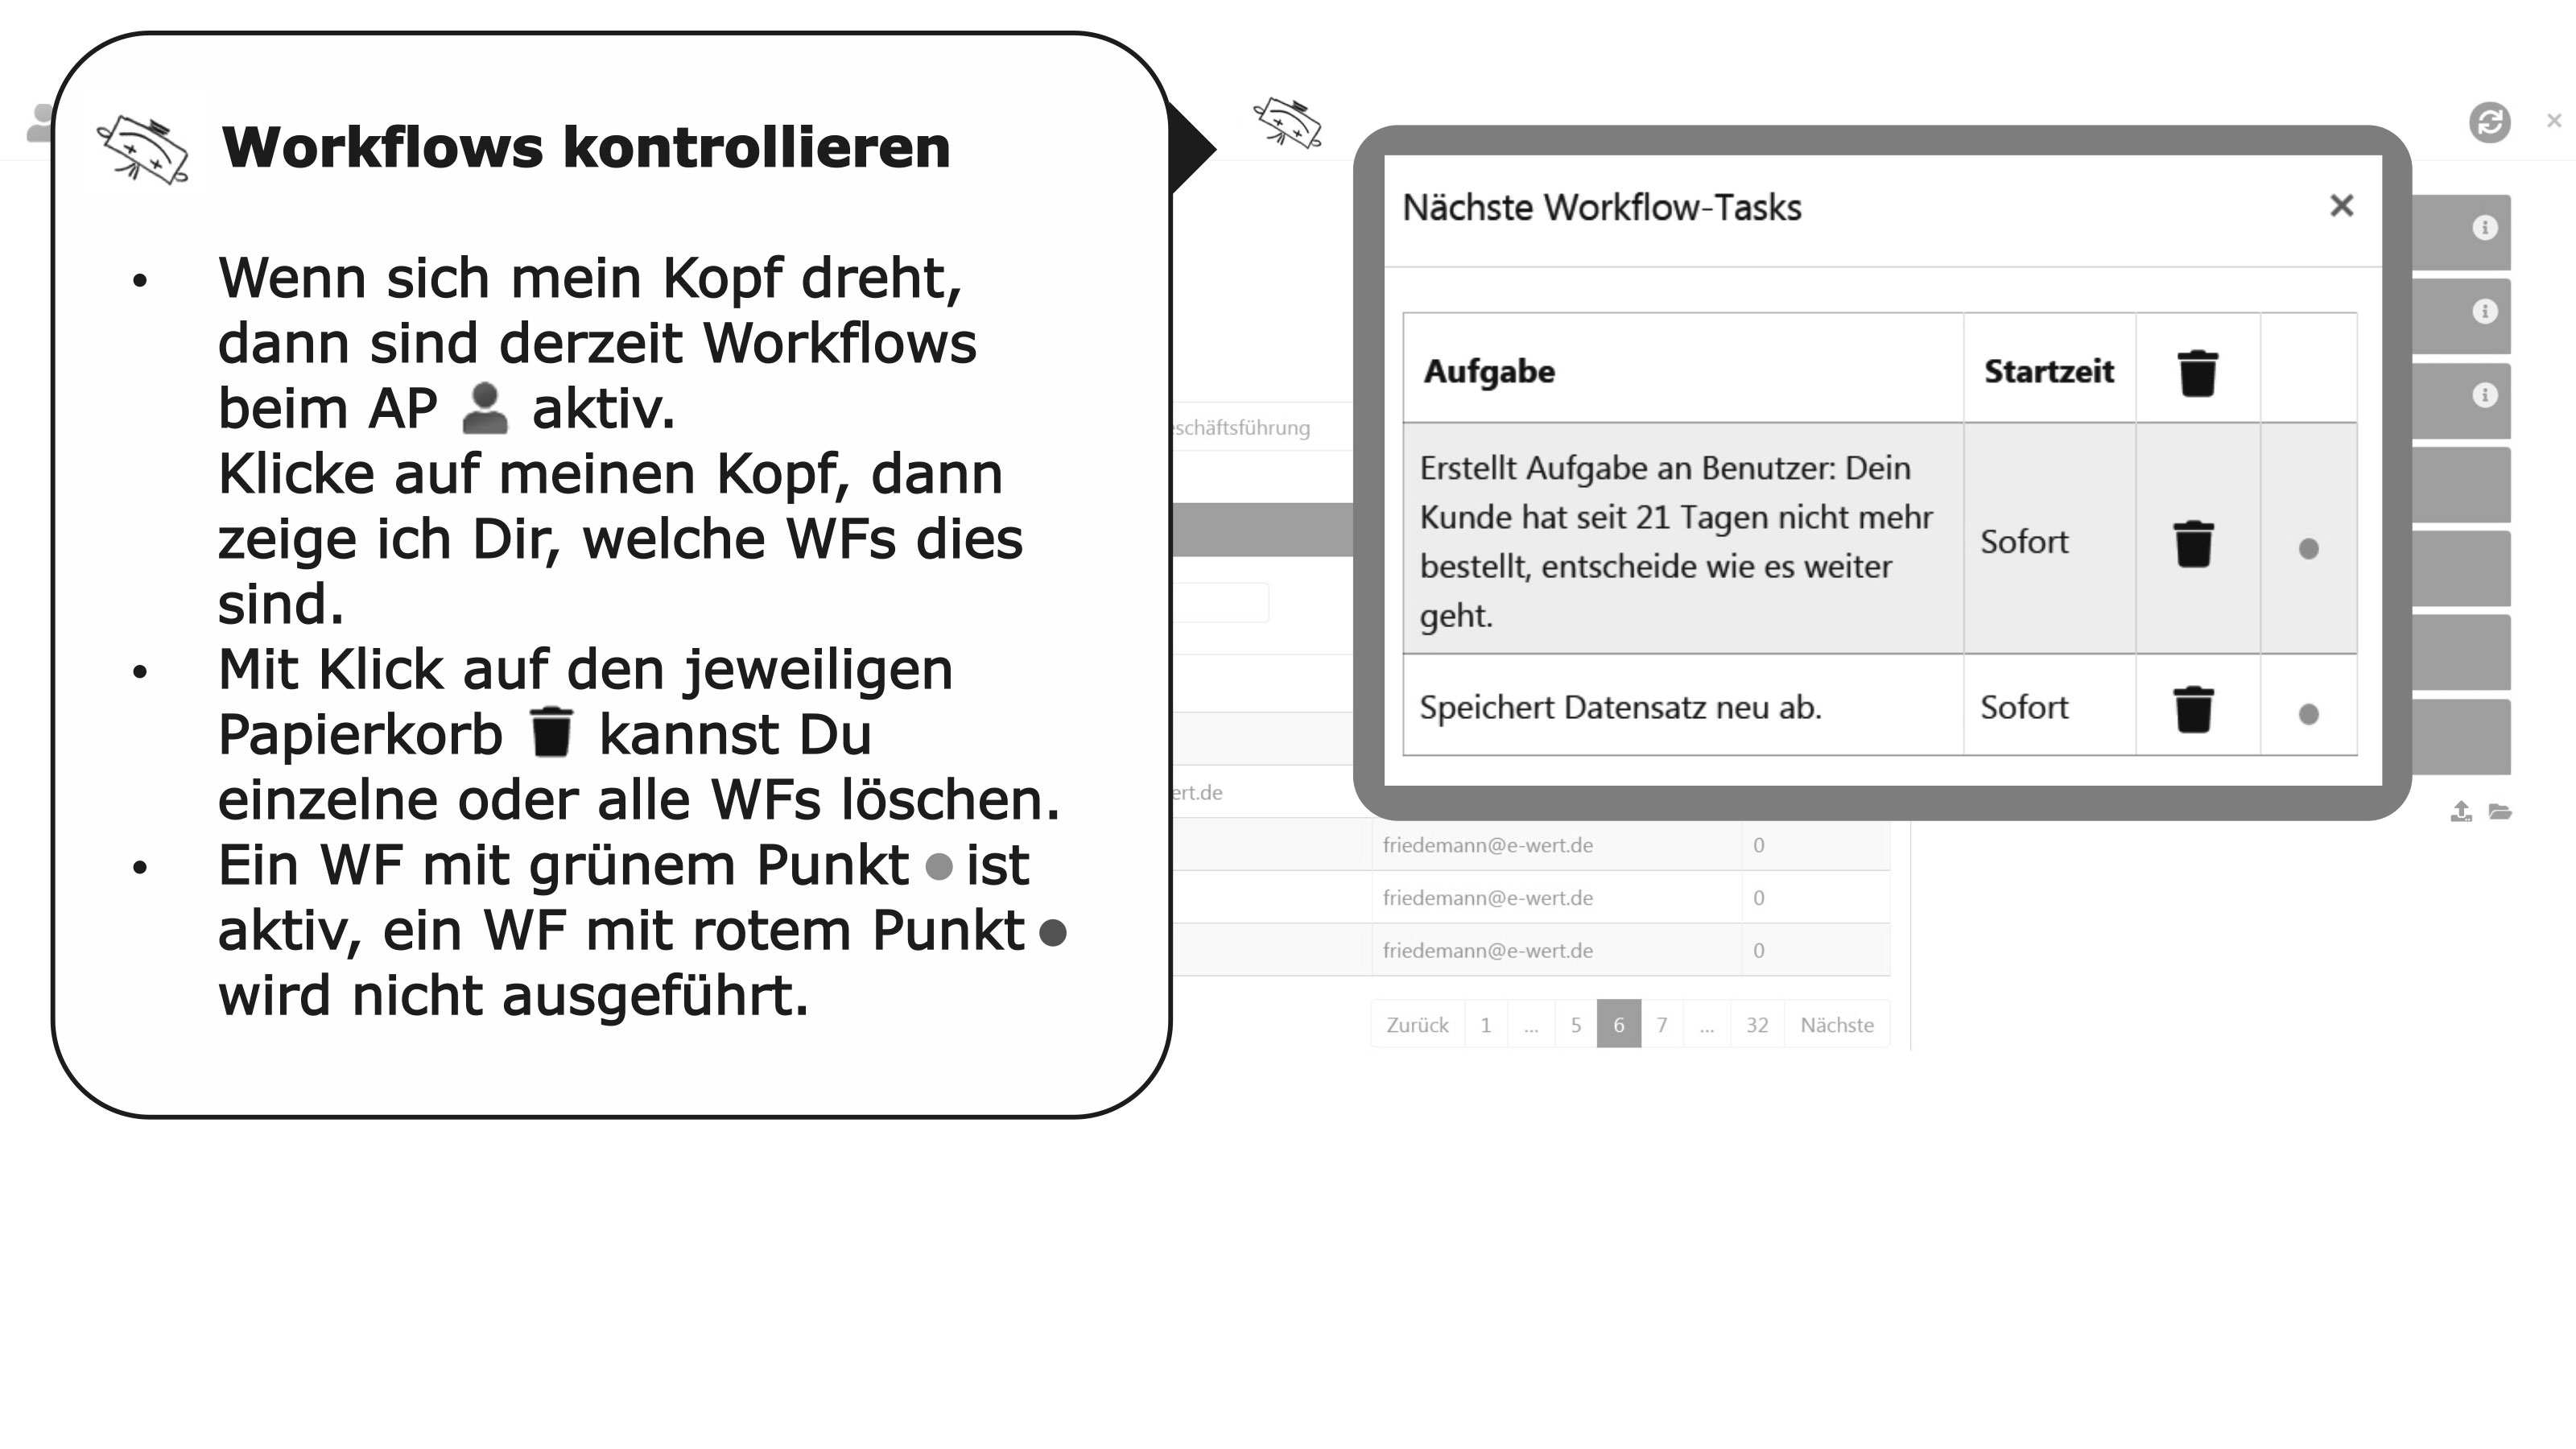 Ansprechpartner Detail Workflows anzeigen